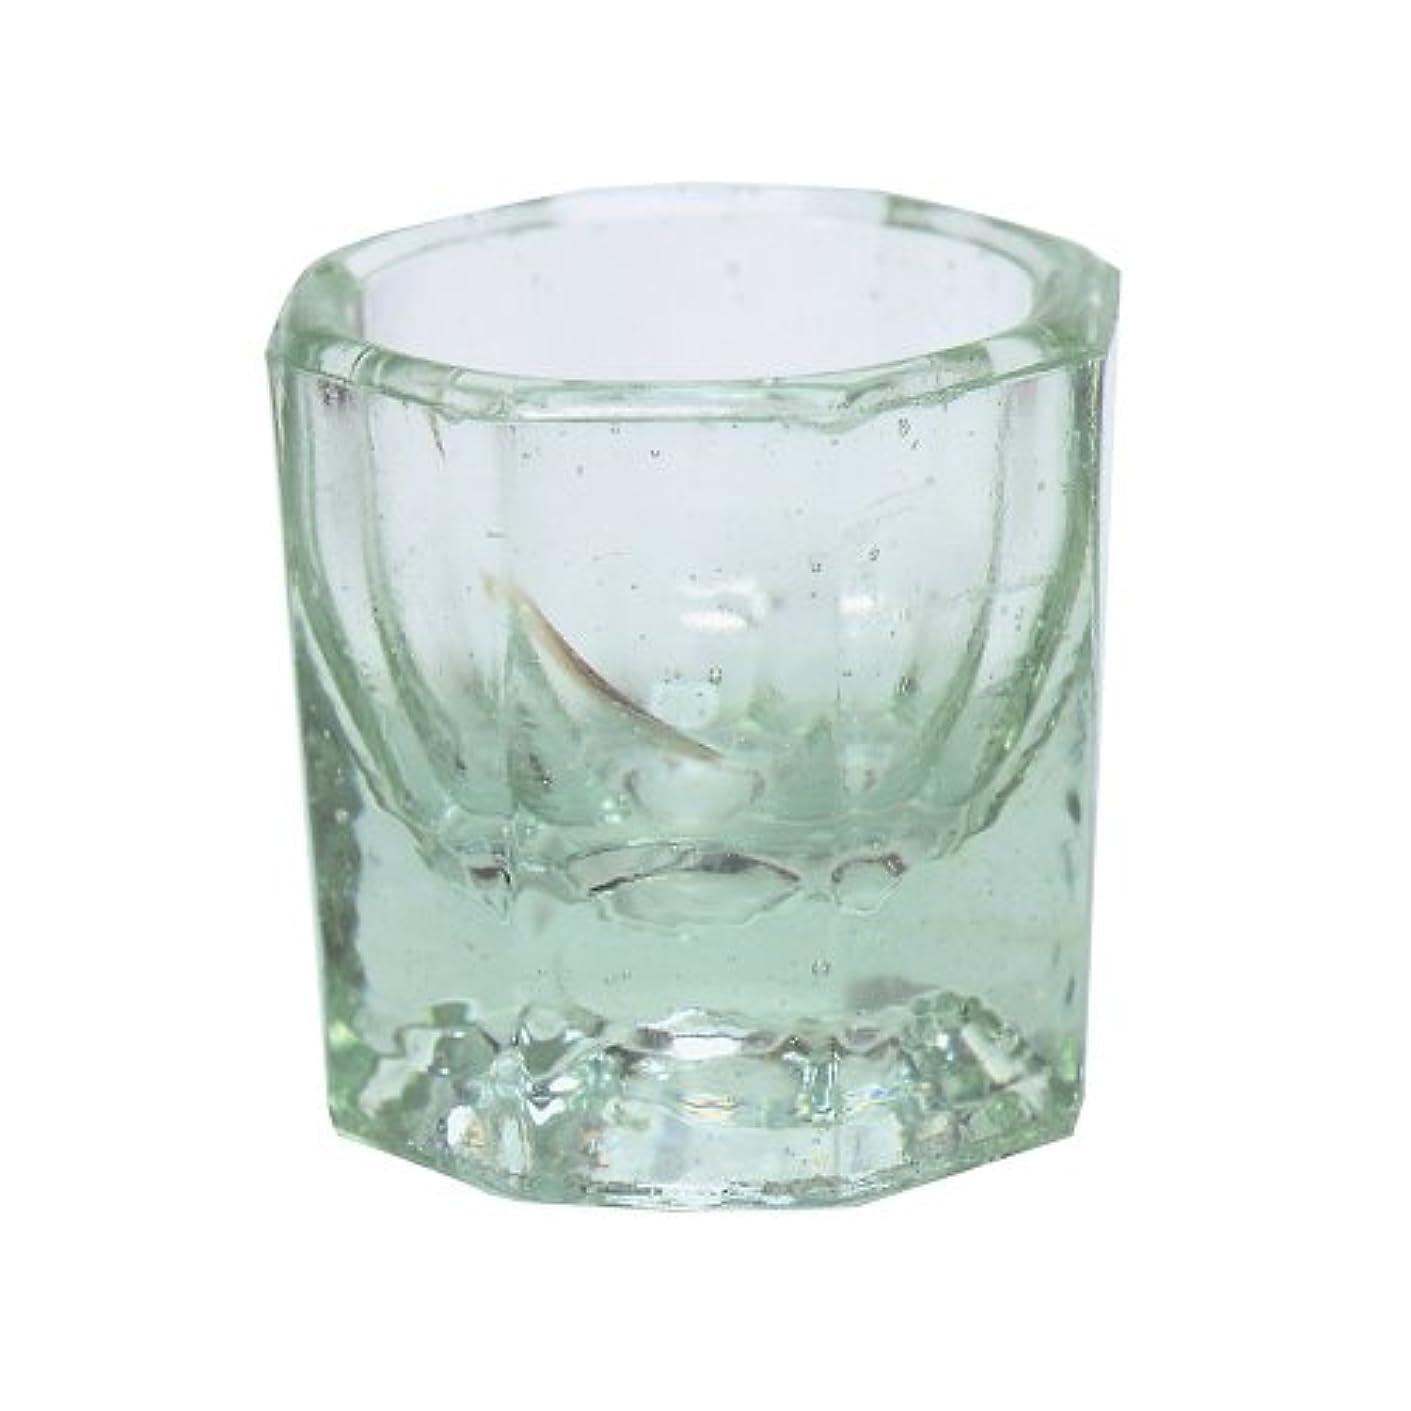 アフリカ人いちゃつく配管Naliovker Naliovker(R)5パック、オールシーズンガラス皿